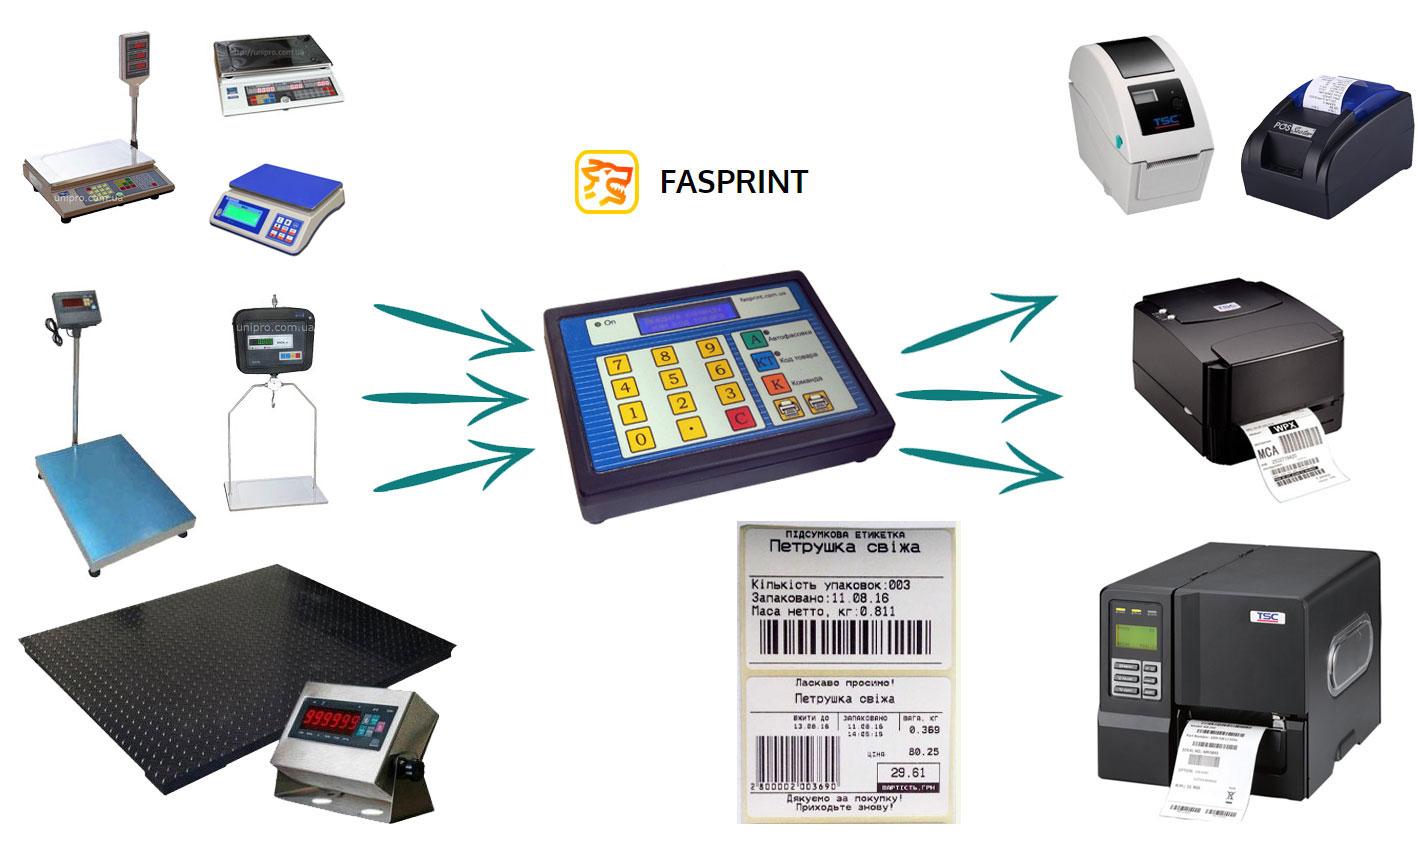 комплекс для фасовки товаров Фаспринт